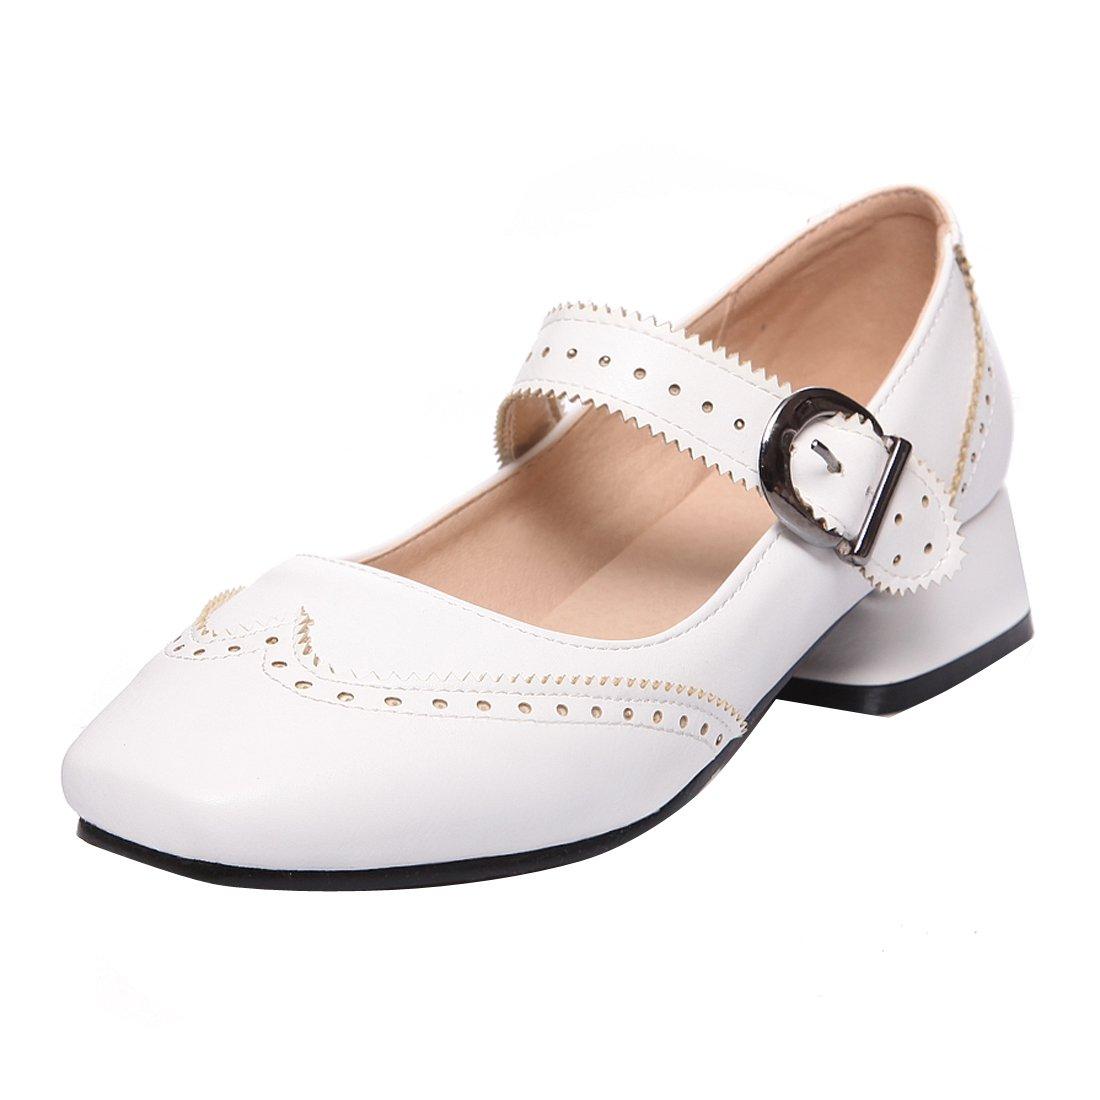 YE Damen Mary Janes Pumps Blockabsatz High Heels mit Riemchen Elegant Bequem Schuhe  38 EU|Wei?